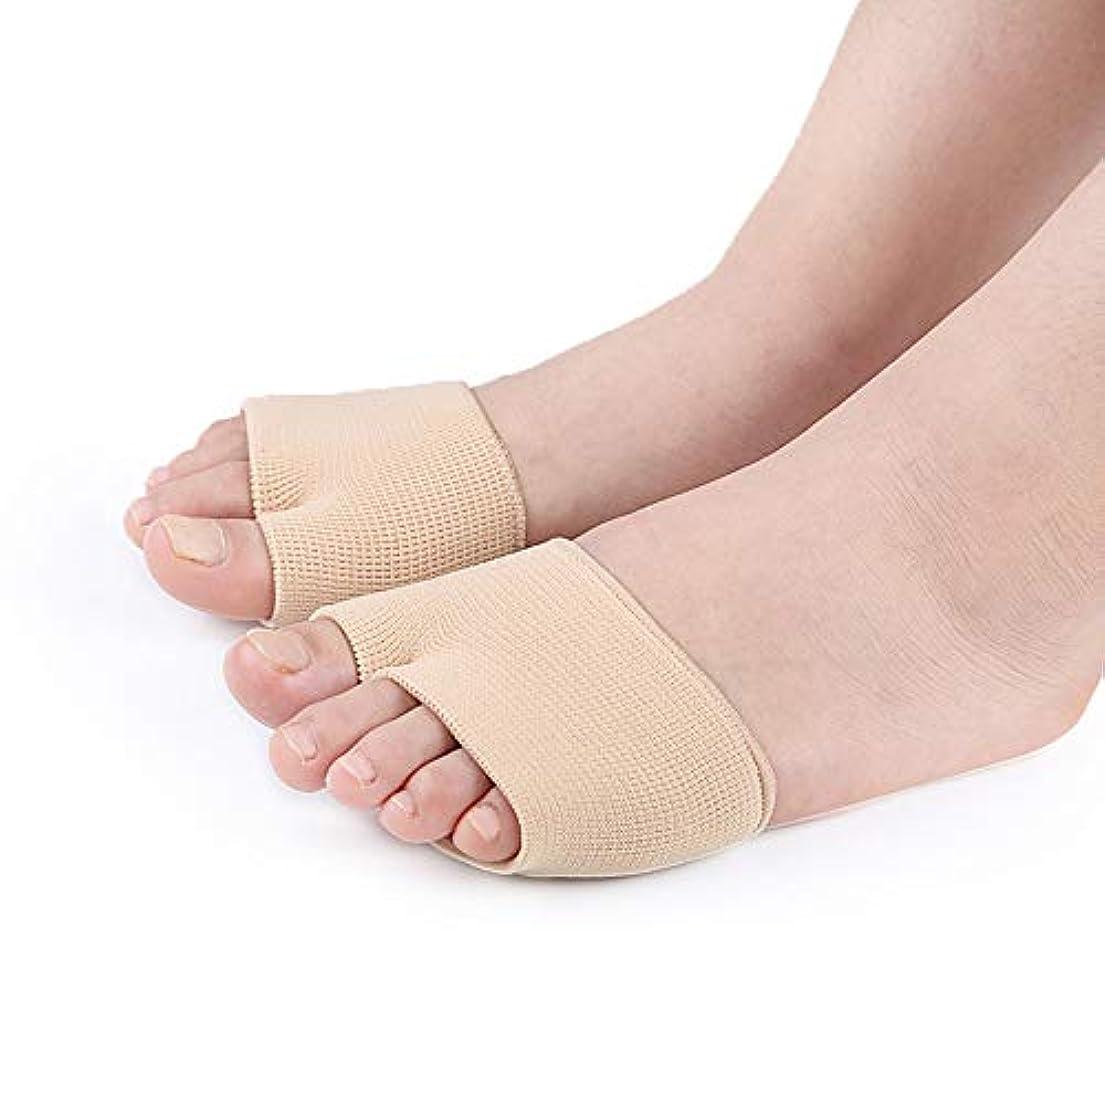 パッド出発するわずらわしいつま先矯正靴下ケアつま先防止重複伸縮性高減衰ダンピング吸収汗通気性ナイロン布SEBS,5pairs,S